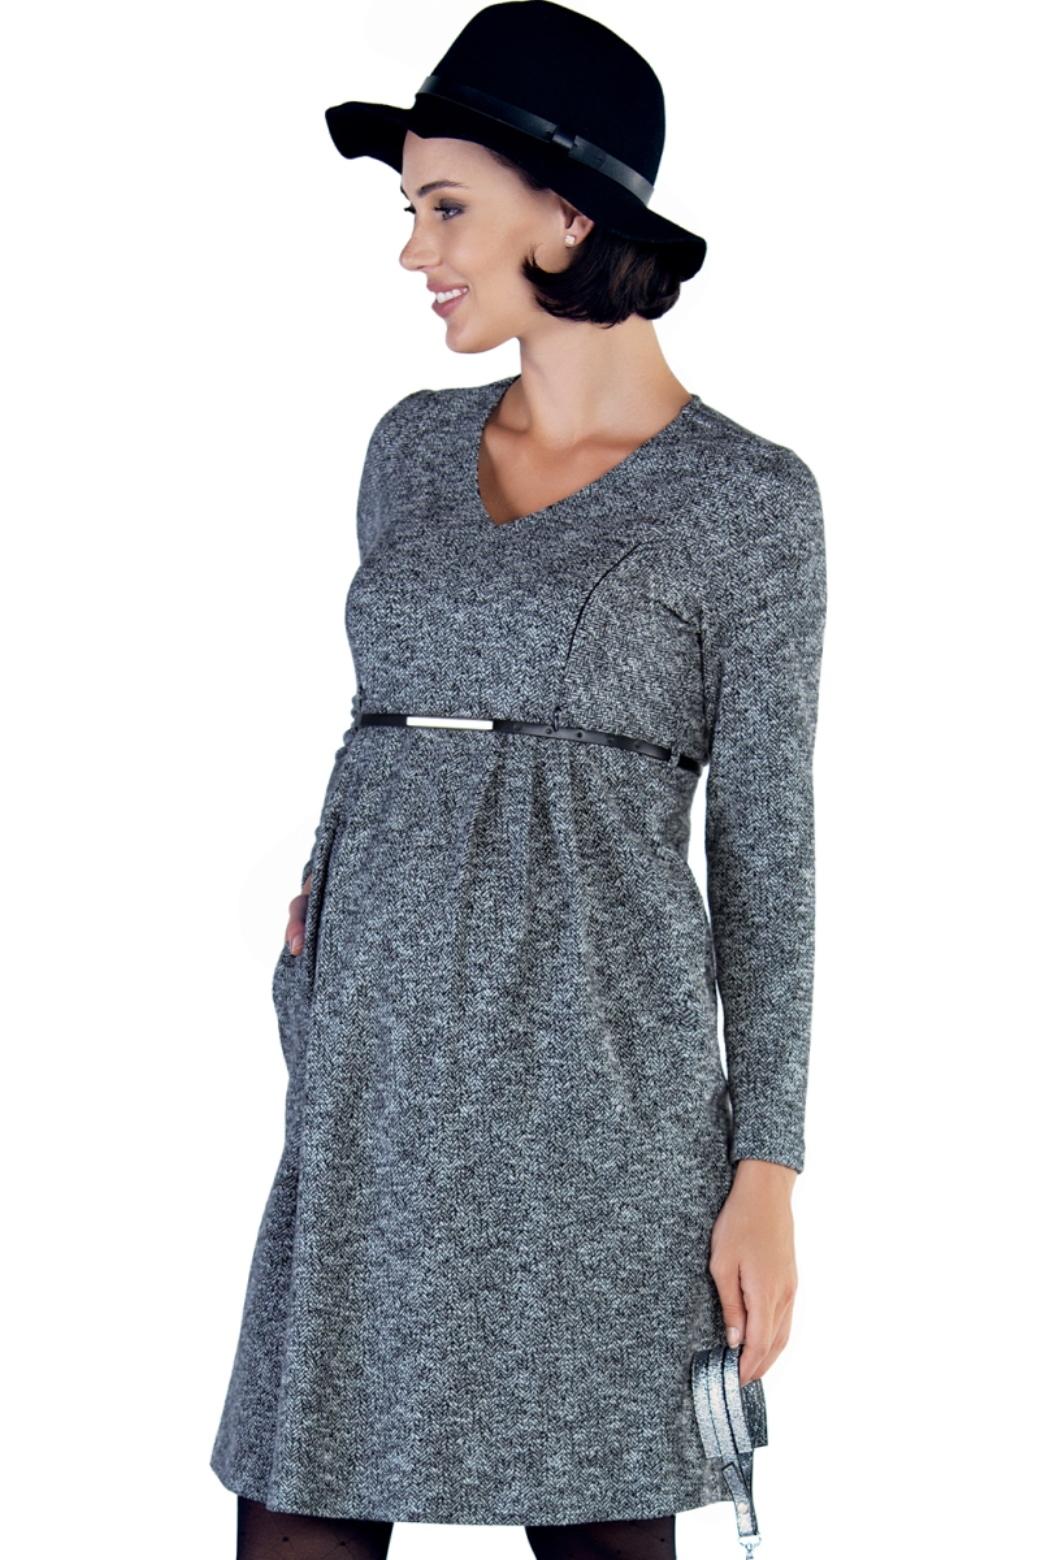 Фото платье для беременных и кормящих EBRU от магазина СкороМама, серый, размеры.